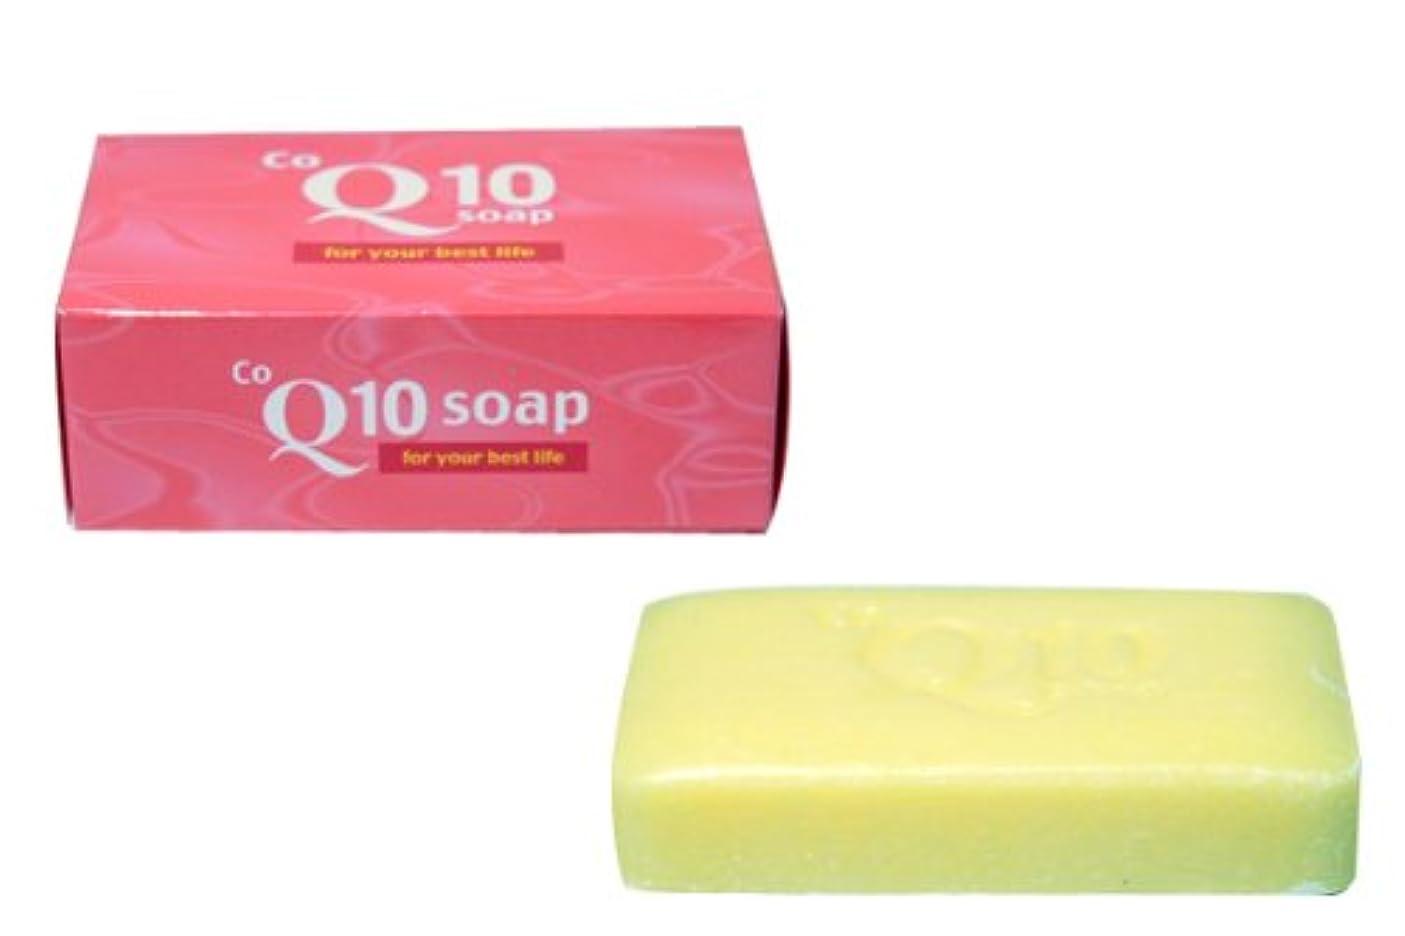 現像保有者差別するコエンザイムQ10石鹸 10個セット